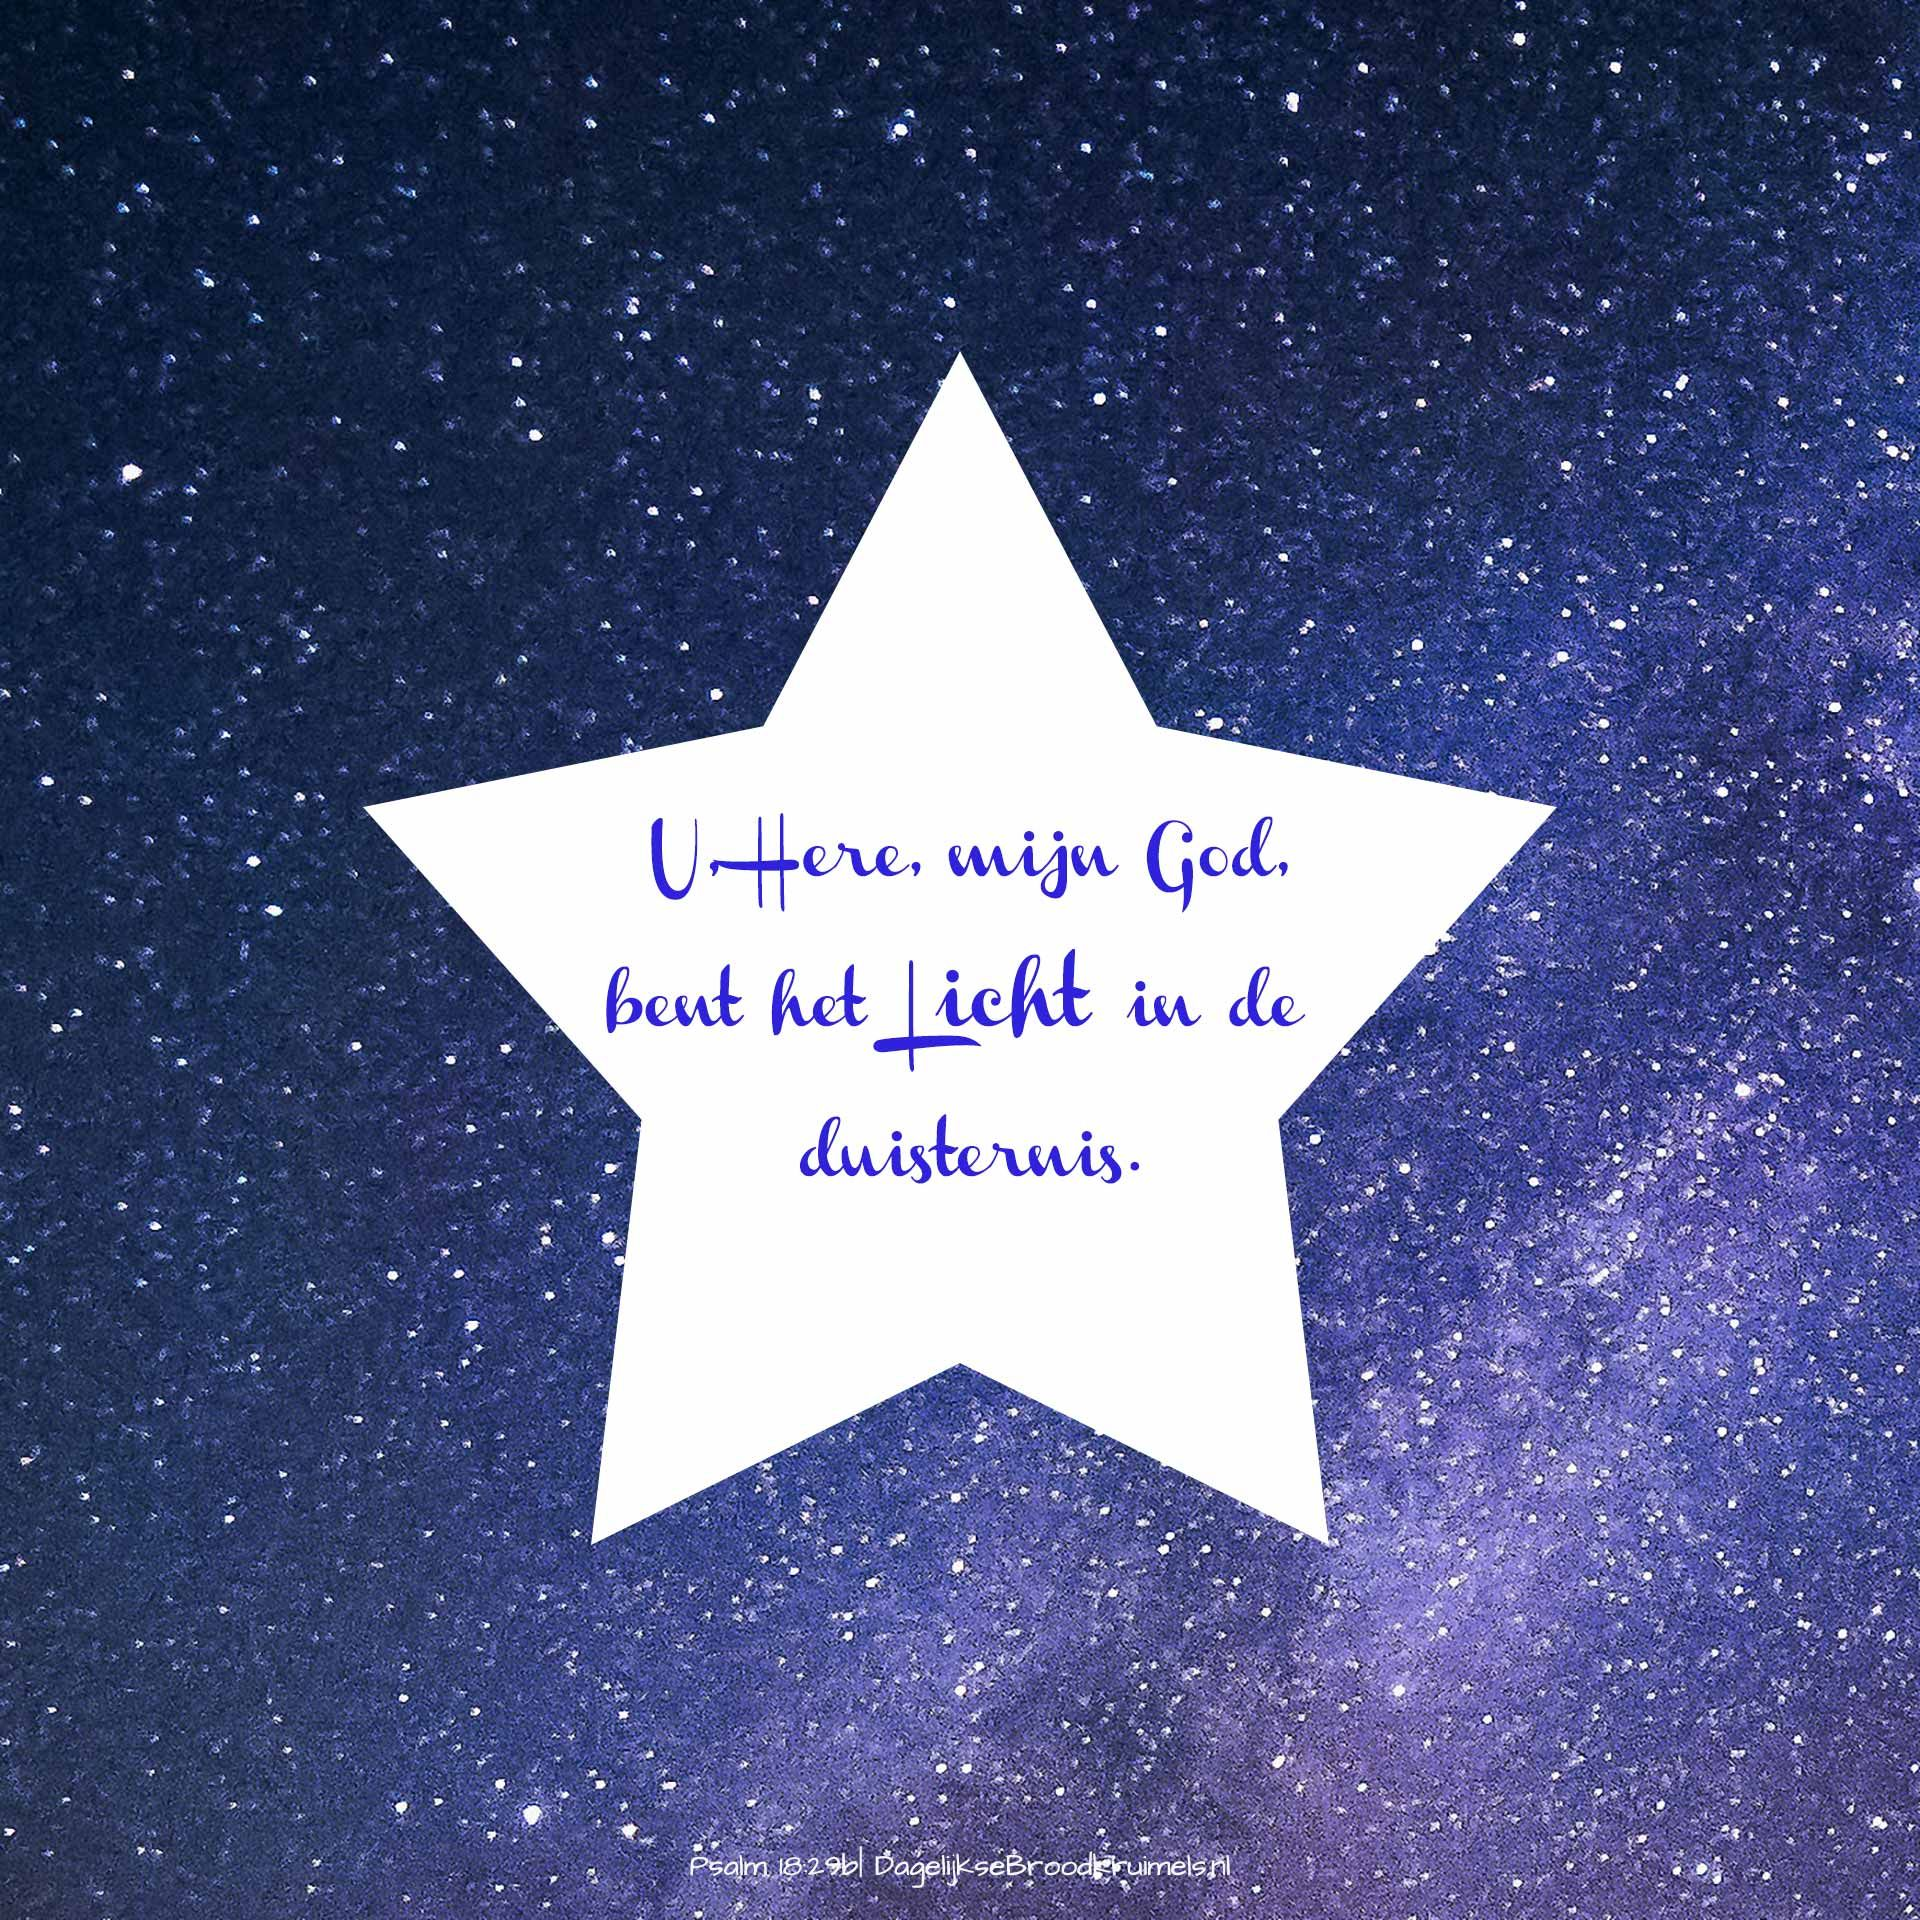 Christelijke Citaten Kerst : U here mijn god bent het licht in de duisternis psalm